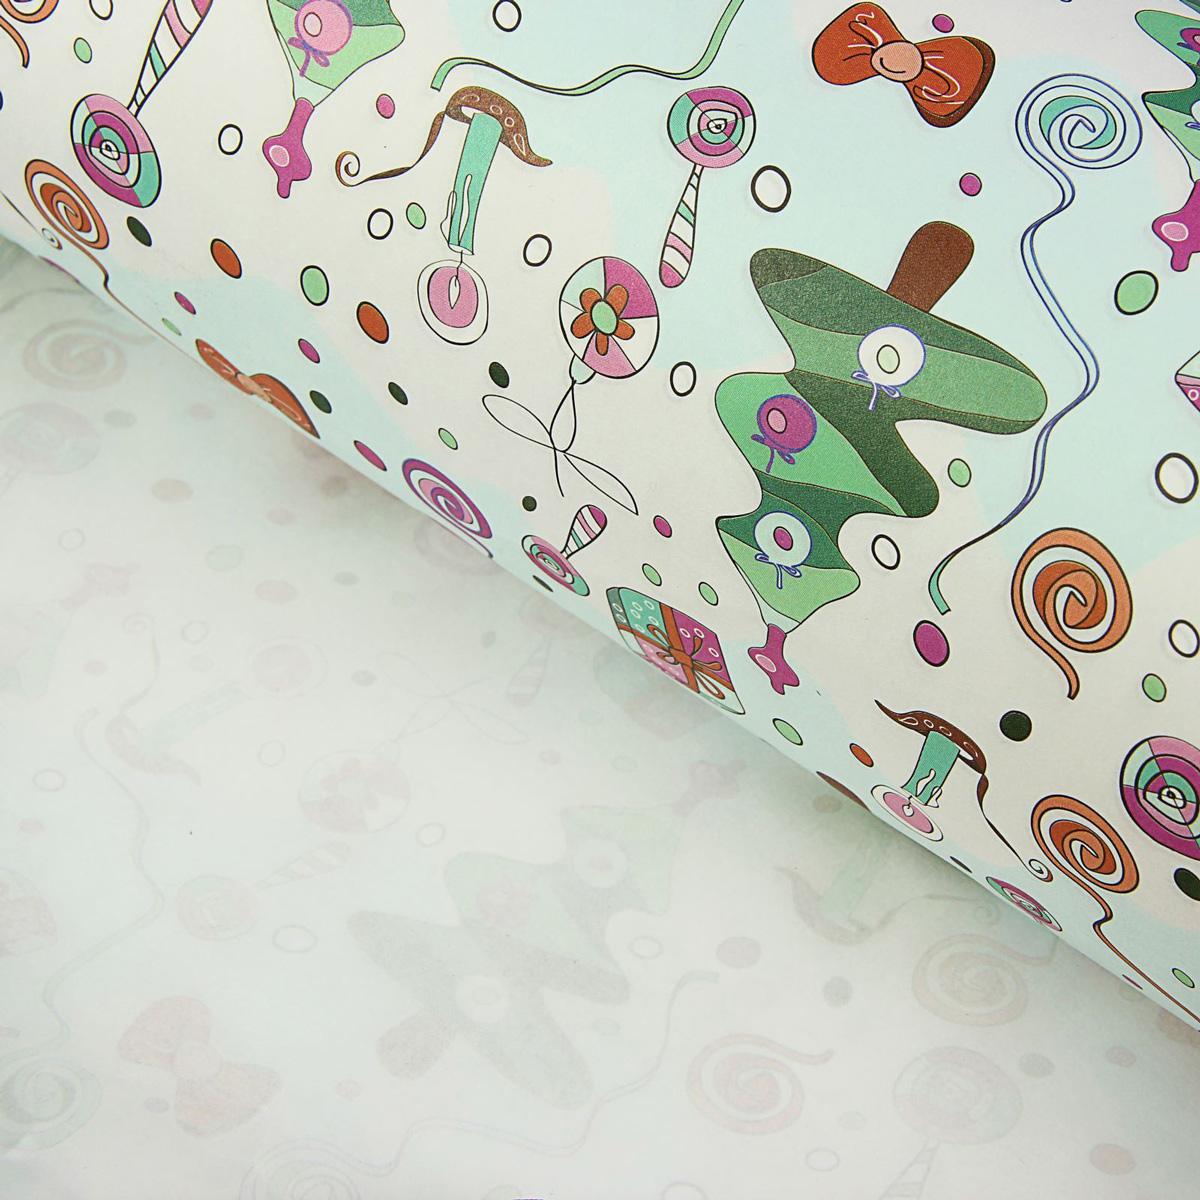 Бумага упаковочная Sima-land Елки, крафт, 50 х 70 см, 10 шт1657279Это стильный и модный тренд в декоре и упаковке. Она универсальна в оформлении любой продукции и подарка и сделает даже обычный презент заметным, приятным и стильным.